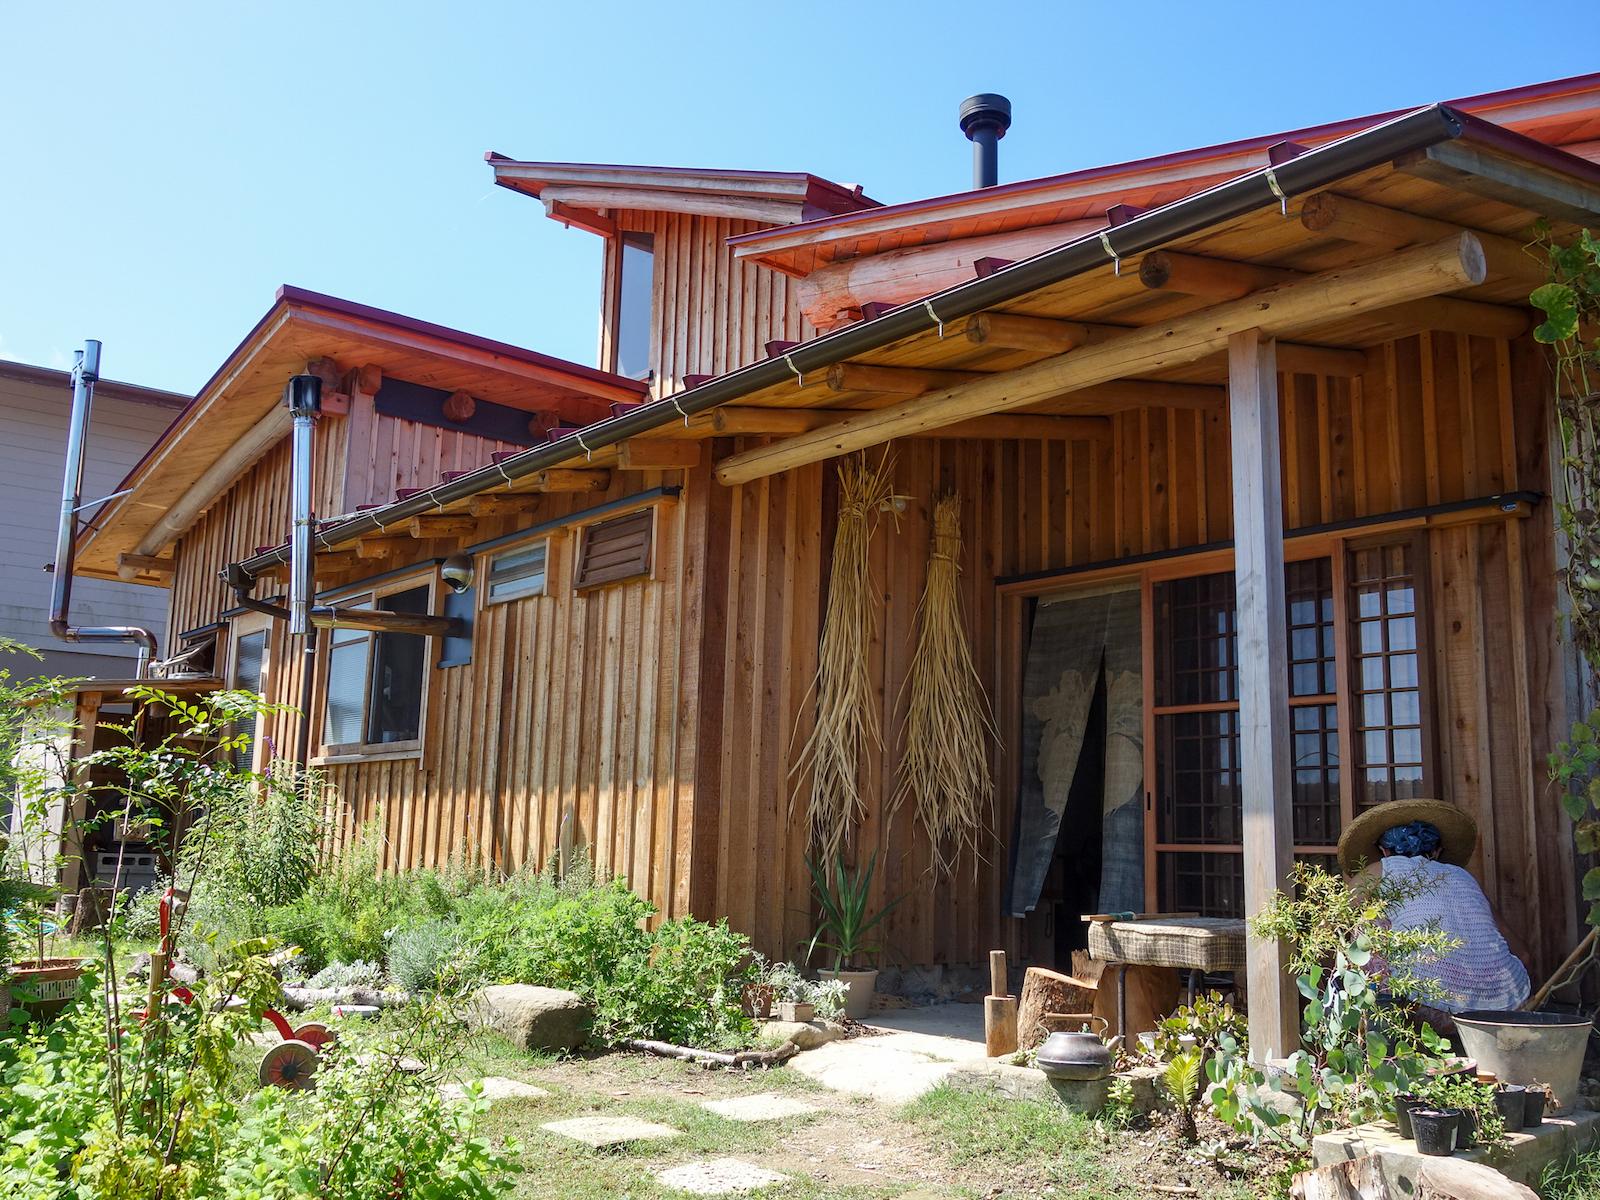 「暇があれば庭をいじっている」と話す佳子さん。植物と一体となった景観が美しい